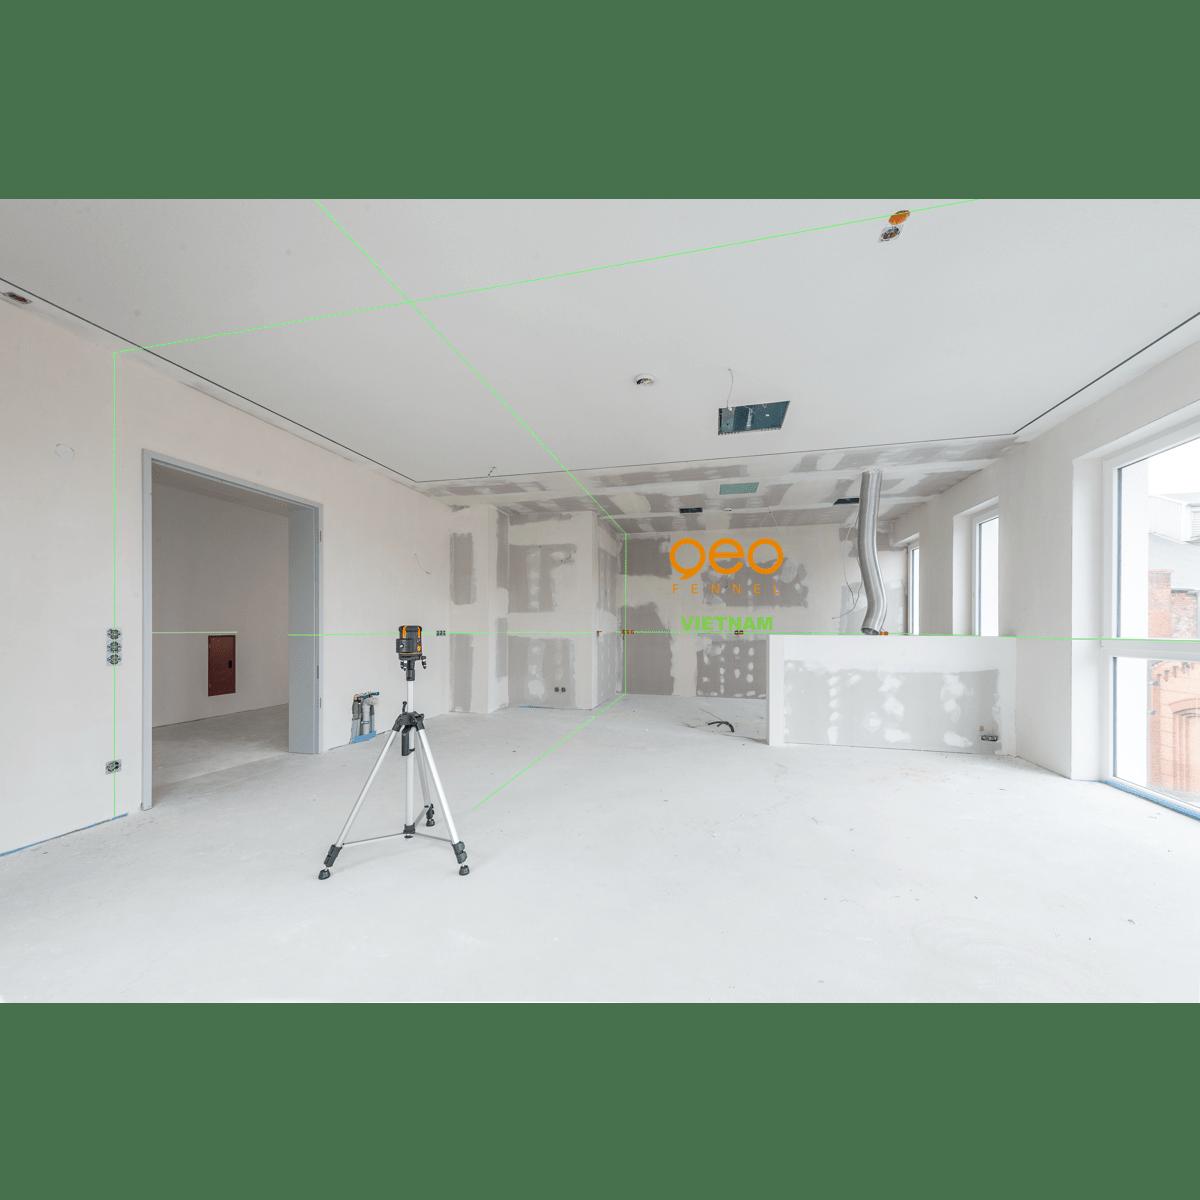 Máy laser xây dựng FLG66-Xtreme Green | Công trường 2